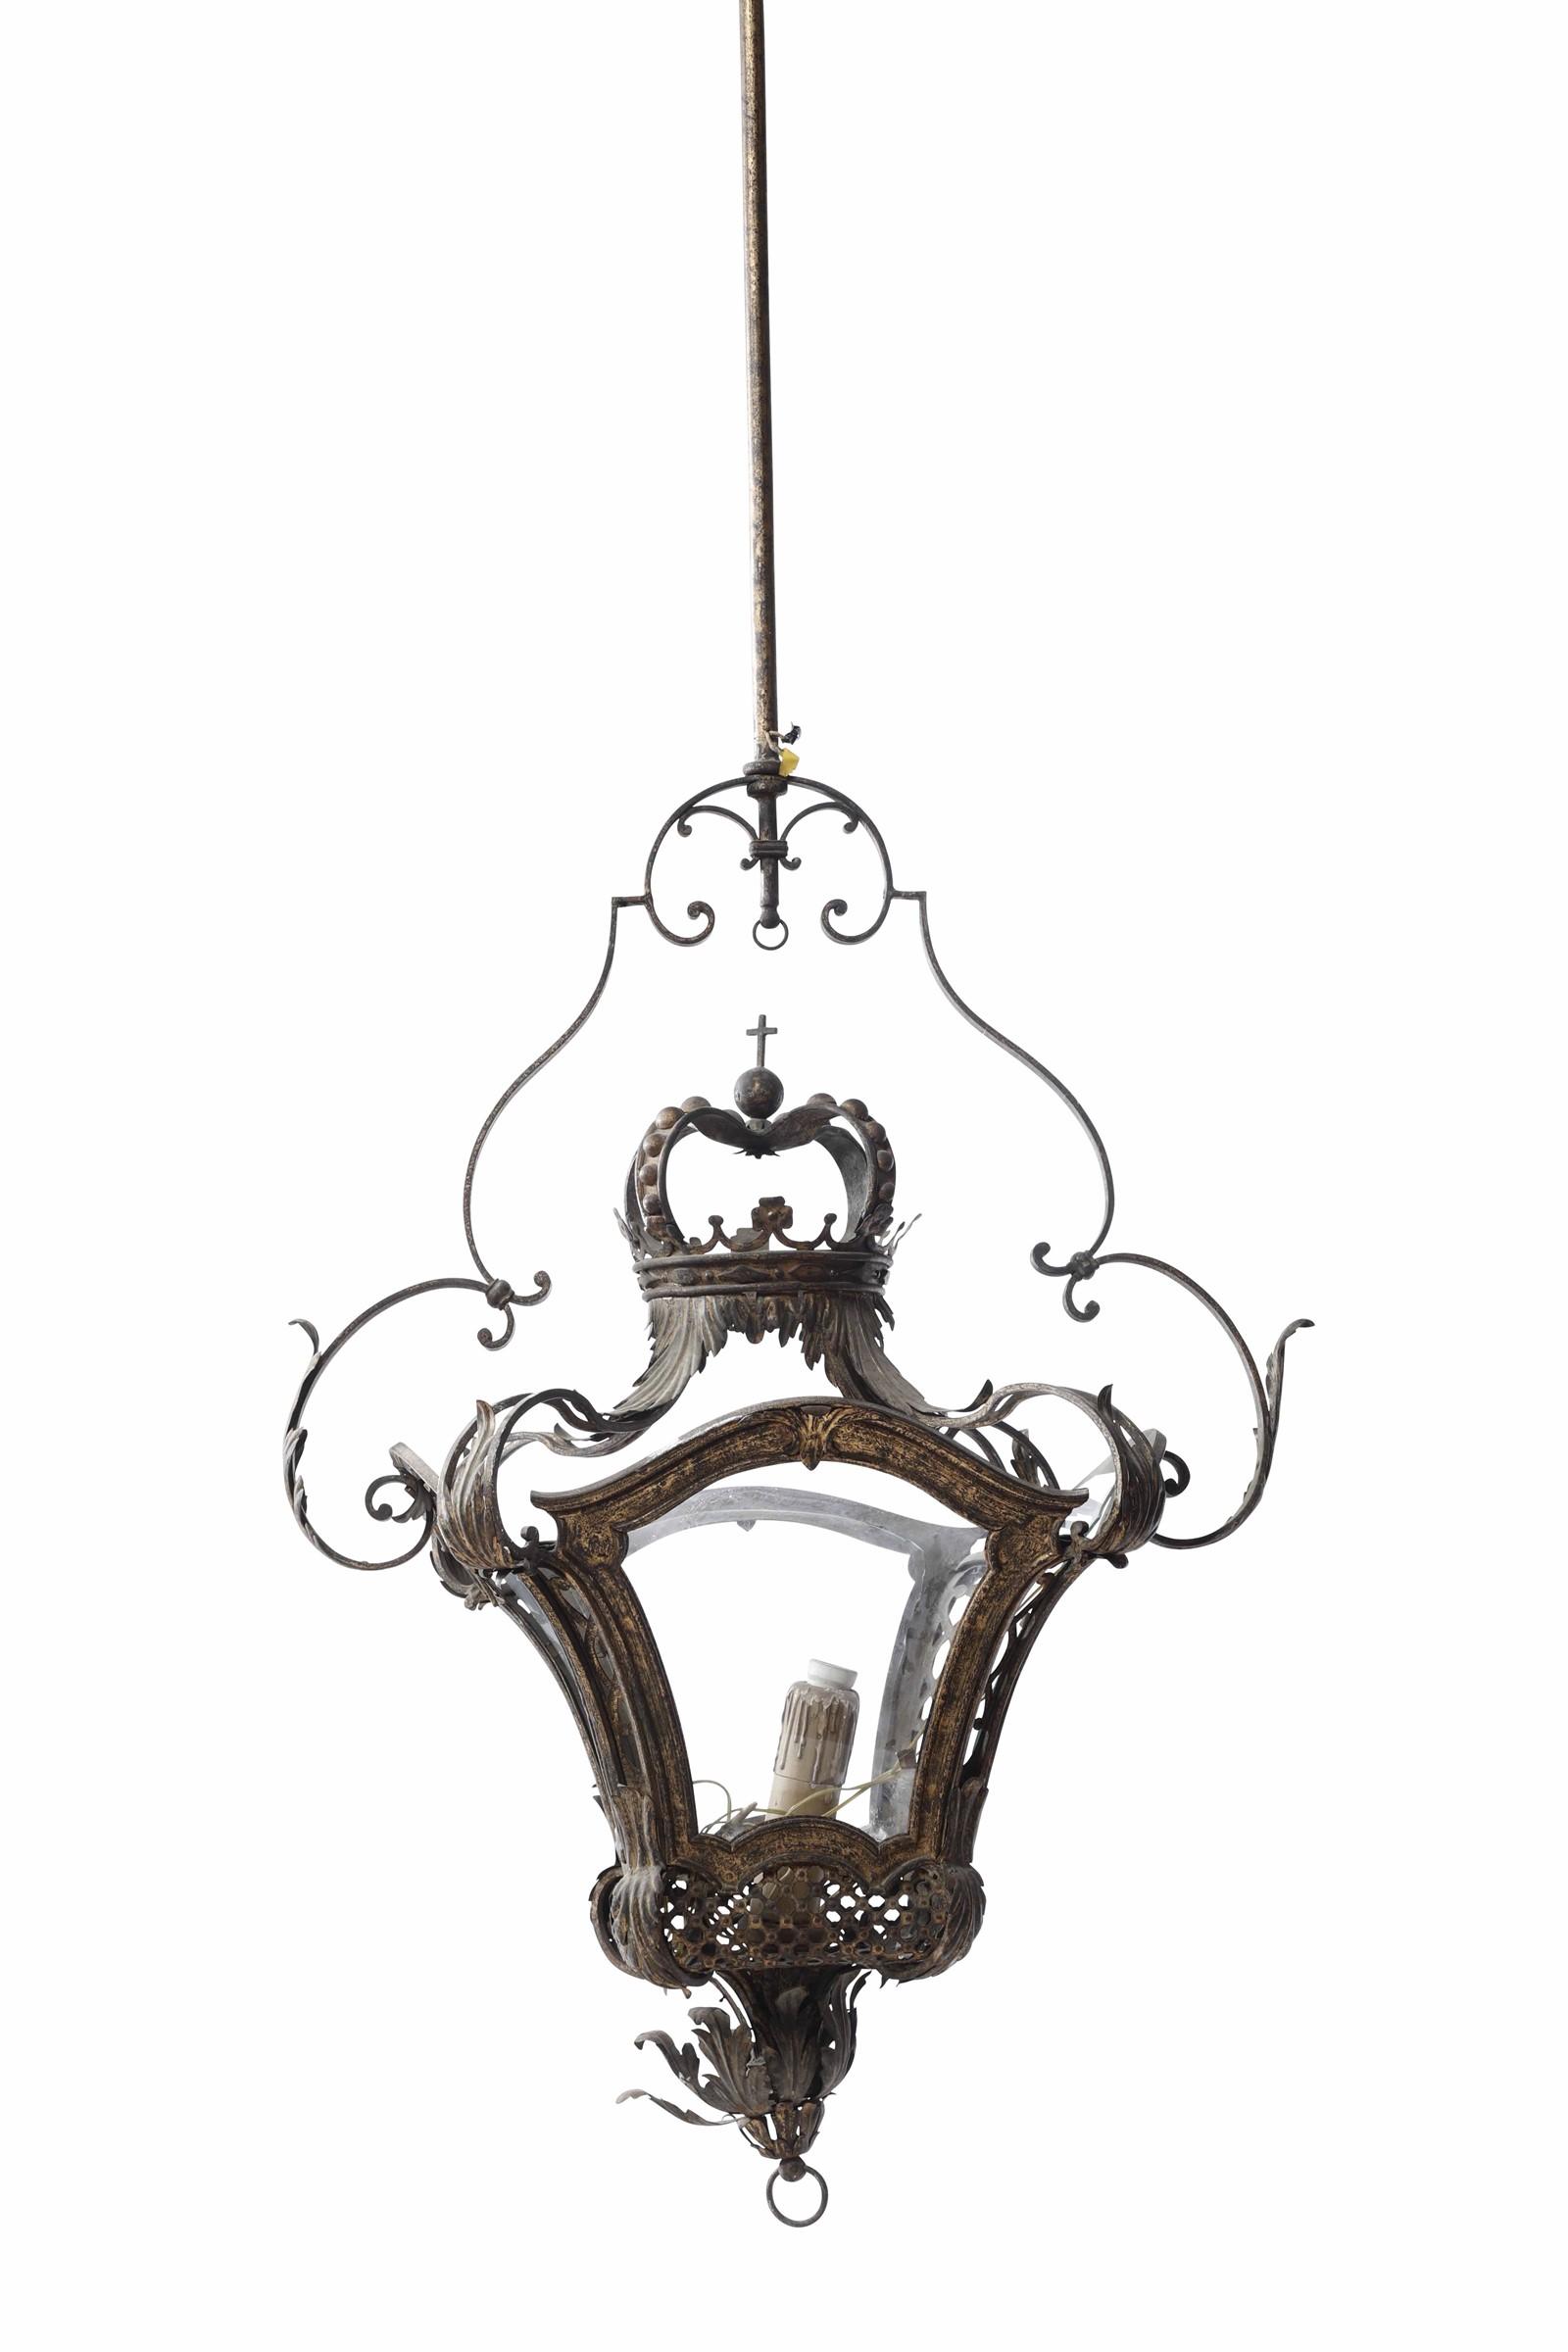 Lot 134 - Monumentale lanterna in metallo forgiato, traforato e lumeggiato in oro. Arte barocca [...]